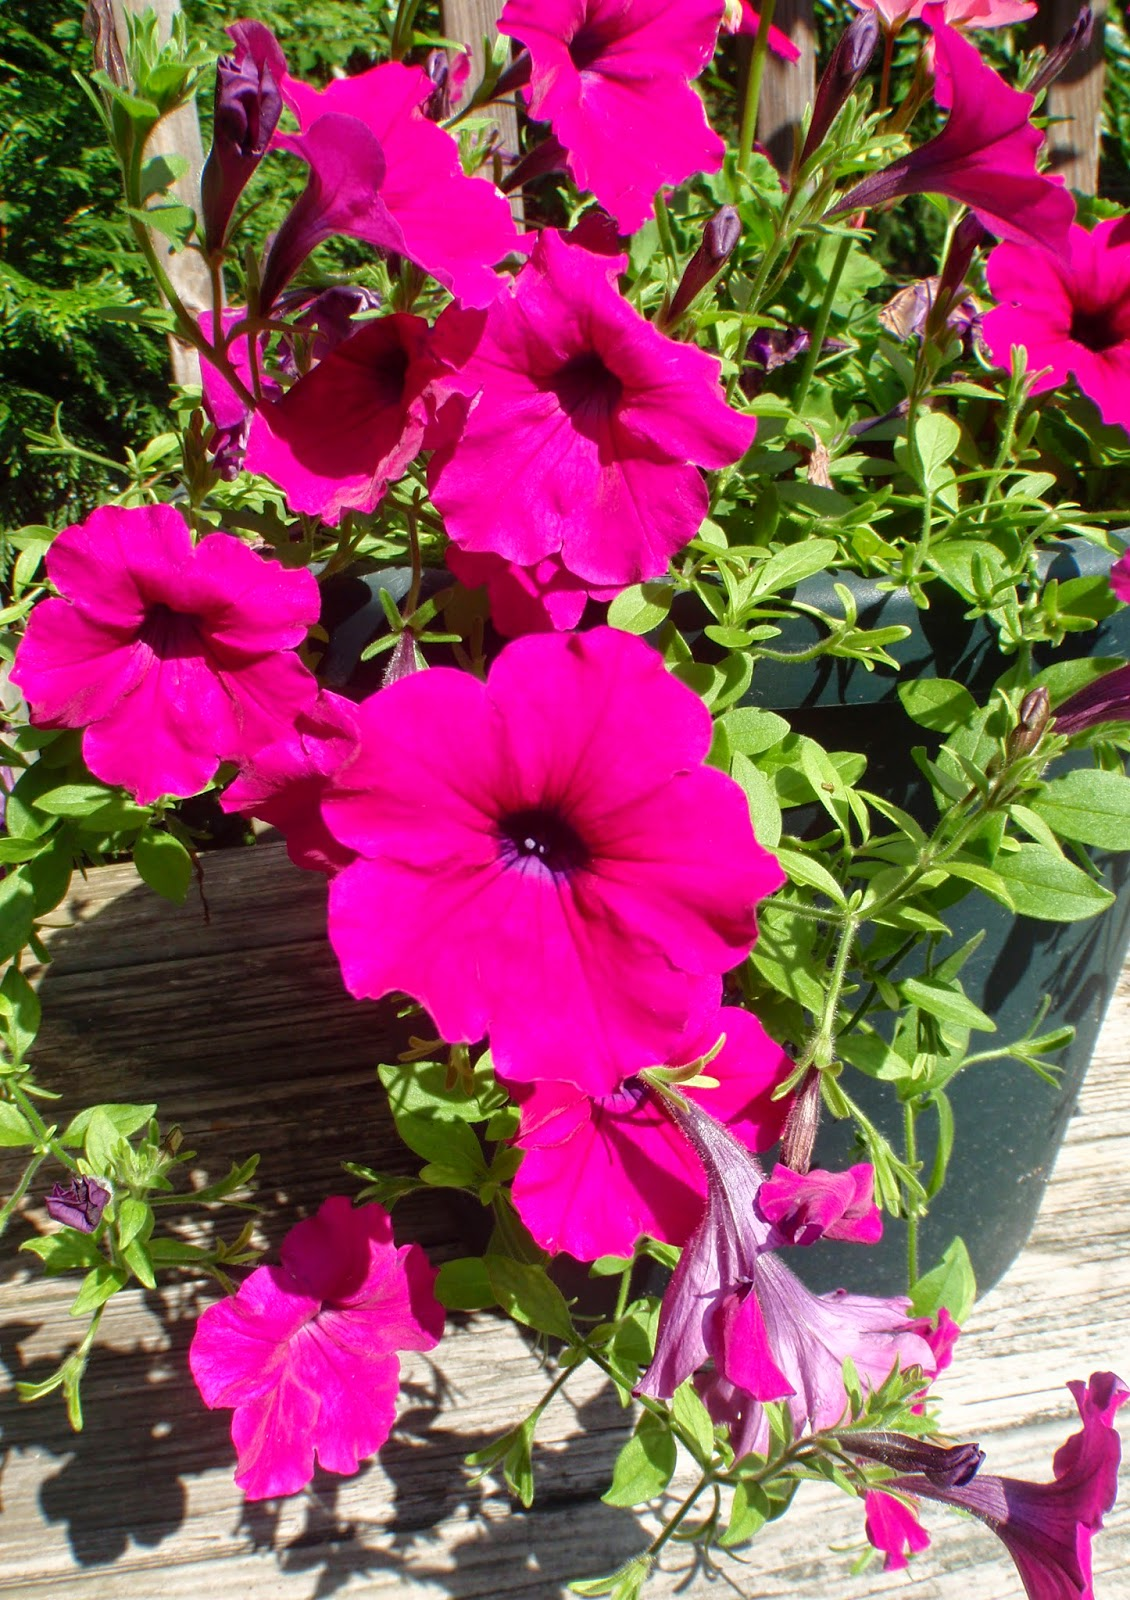 purple wave petunias